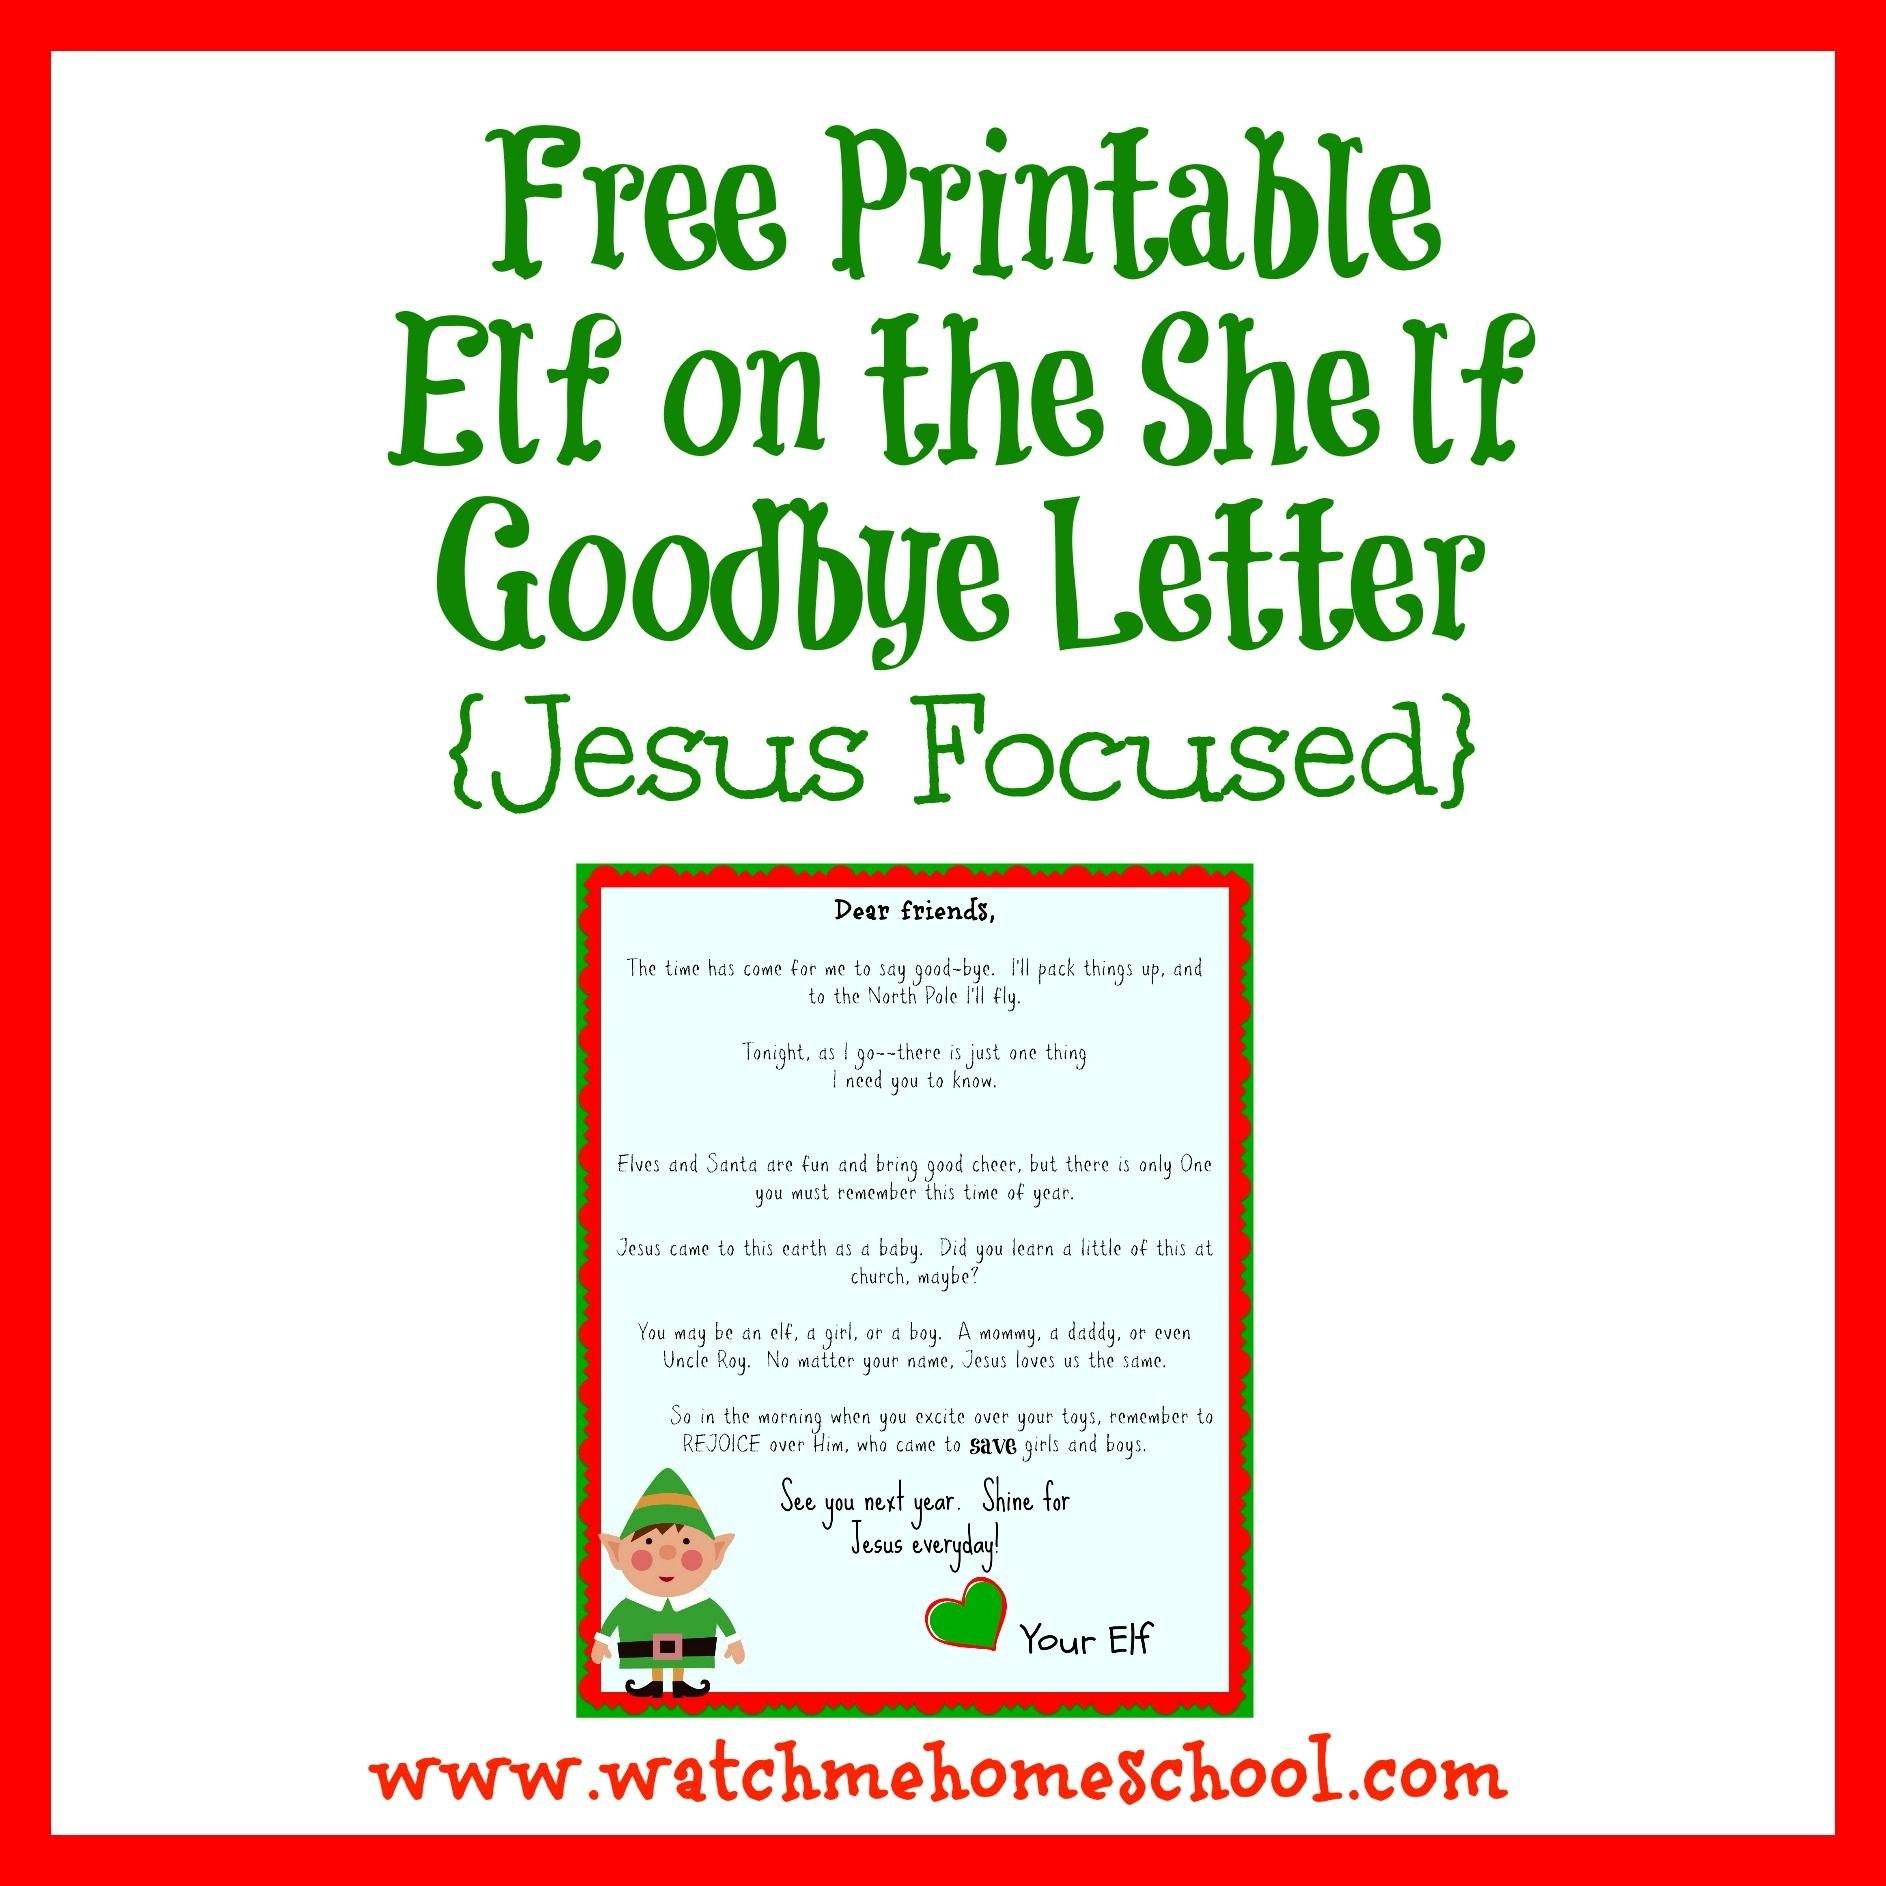 Elf On The Shelf Farewell Letter Printable  Elf On The Shelf  Elf Regarding Elf On The Shelf Goodbye Letter Template